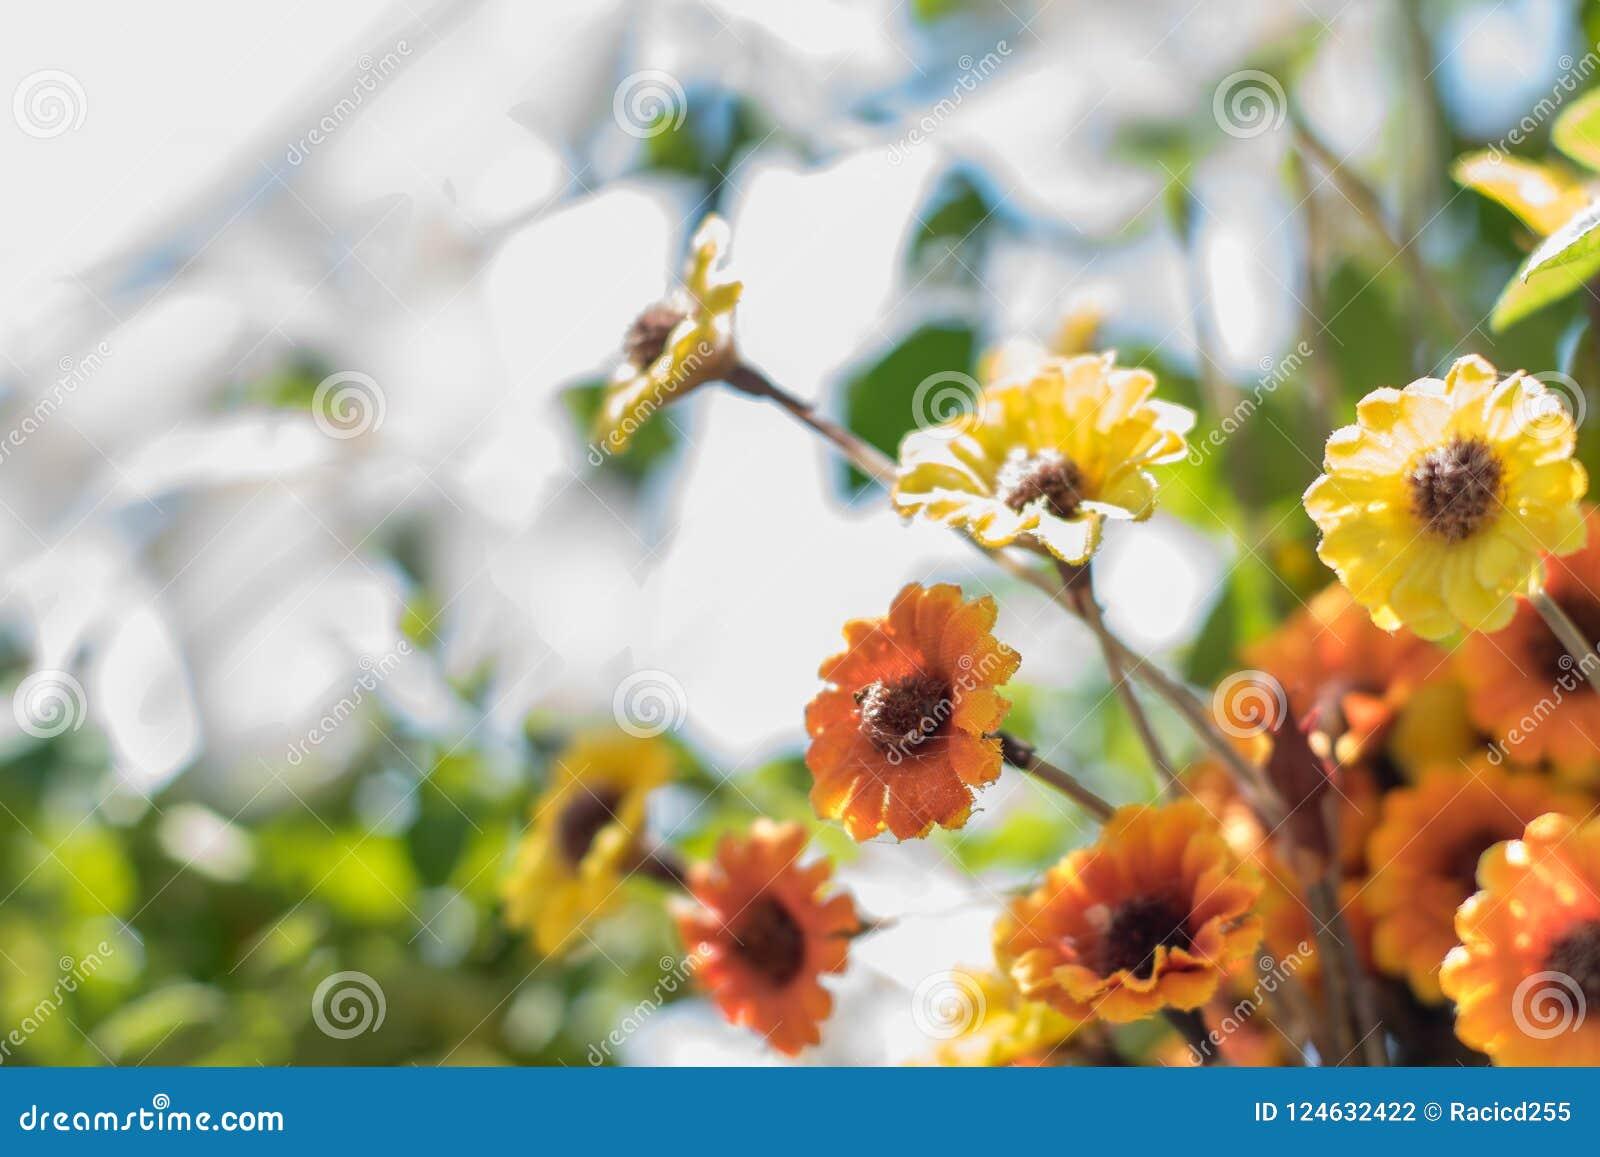 在摘要被弄脏的背景的鲜花